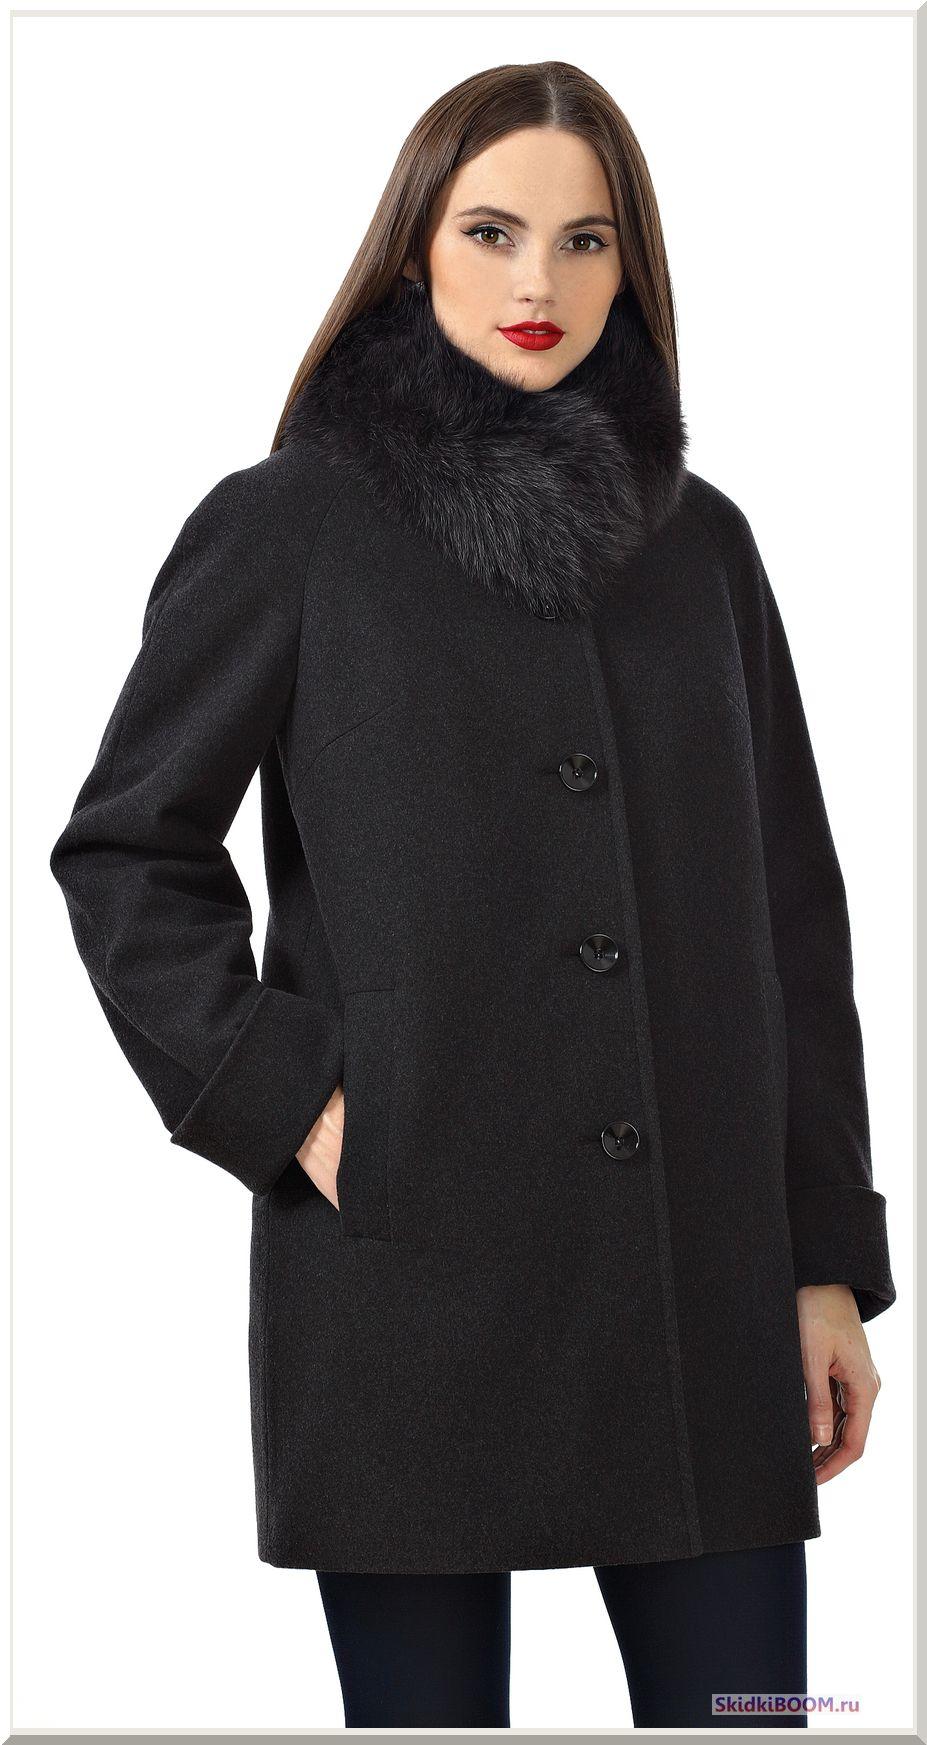 Как выбрать женское зимнее пальто - черное пальто